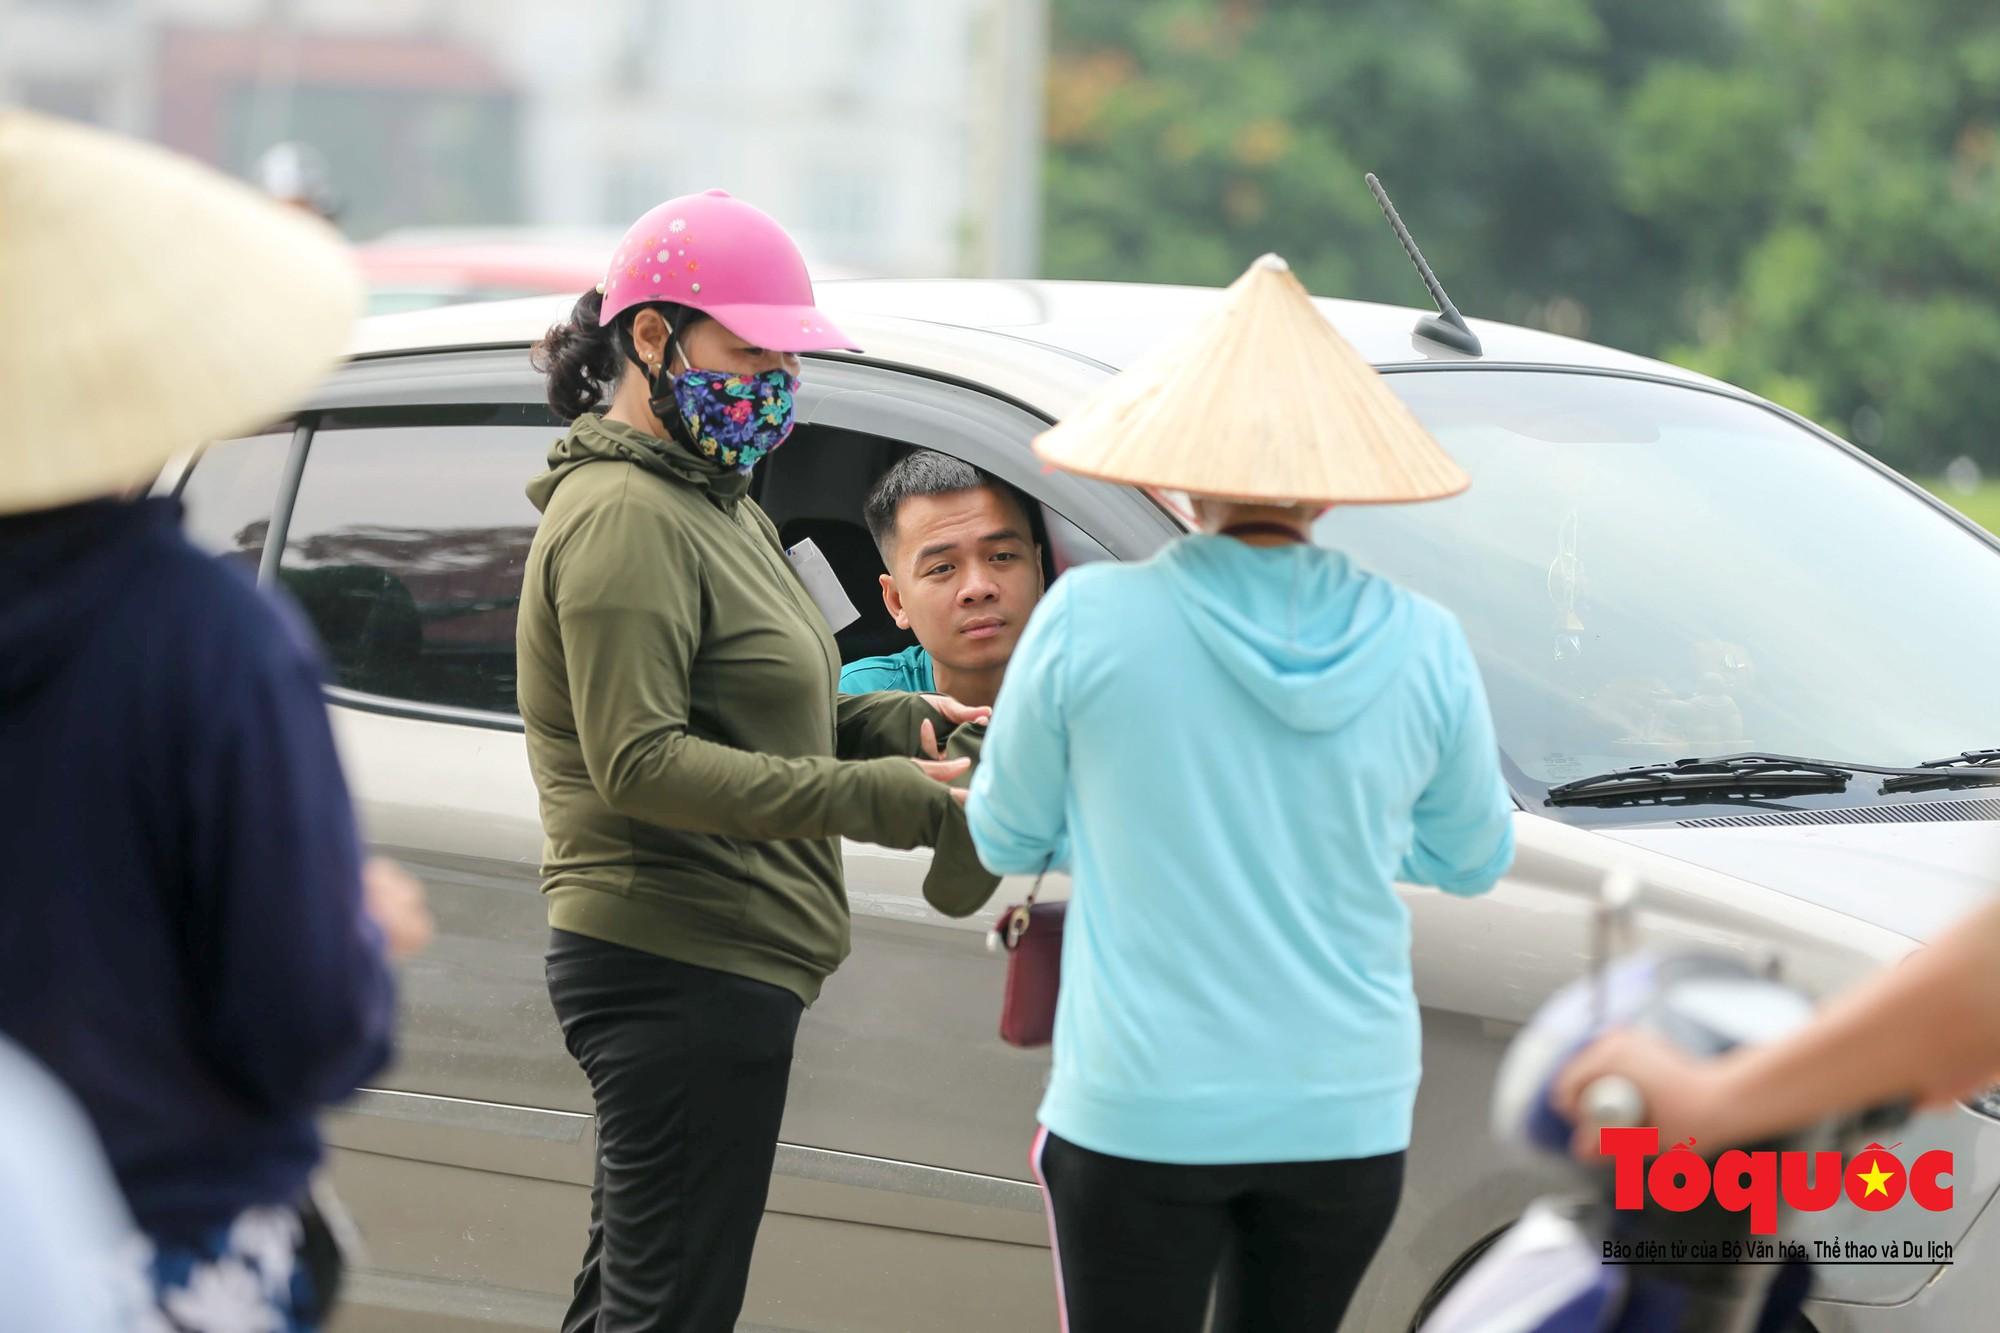 Vé trận Việt Nam - Malaysia: Giá vé chợ đen tung tăng nhảy múa15